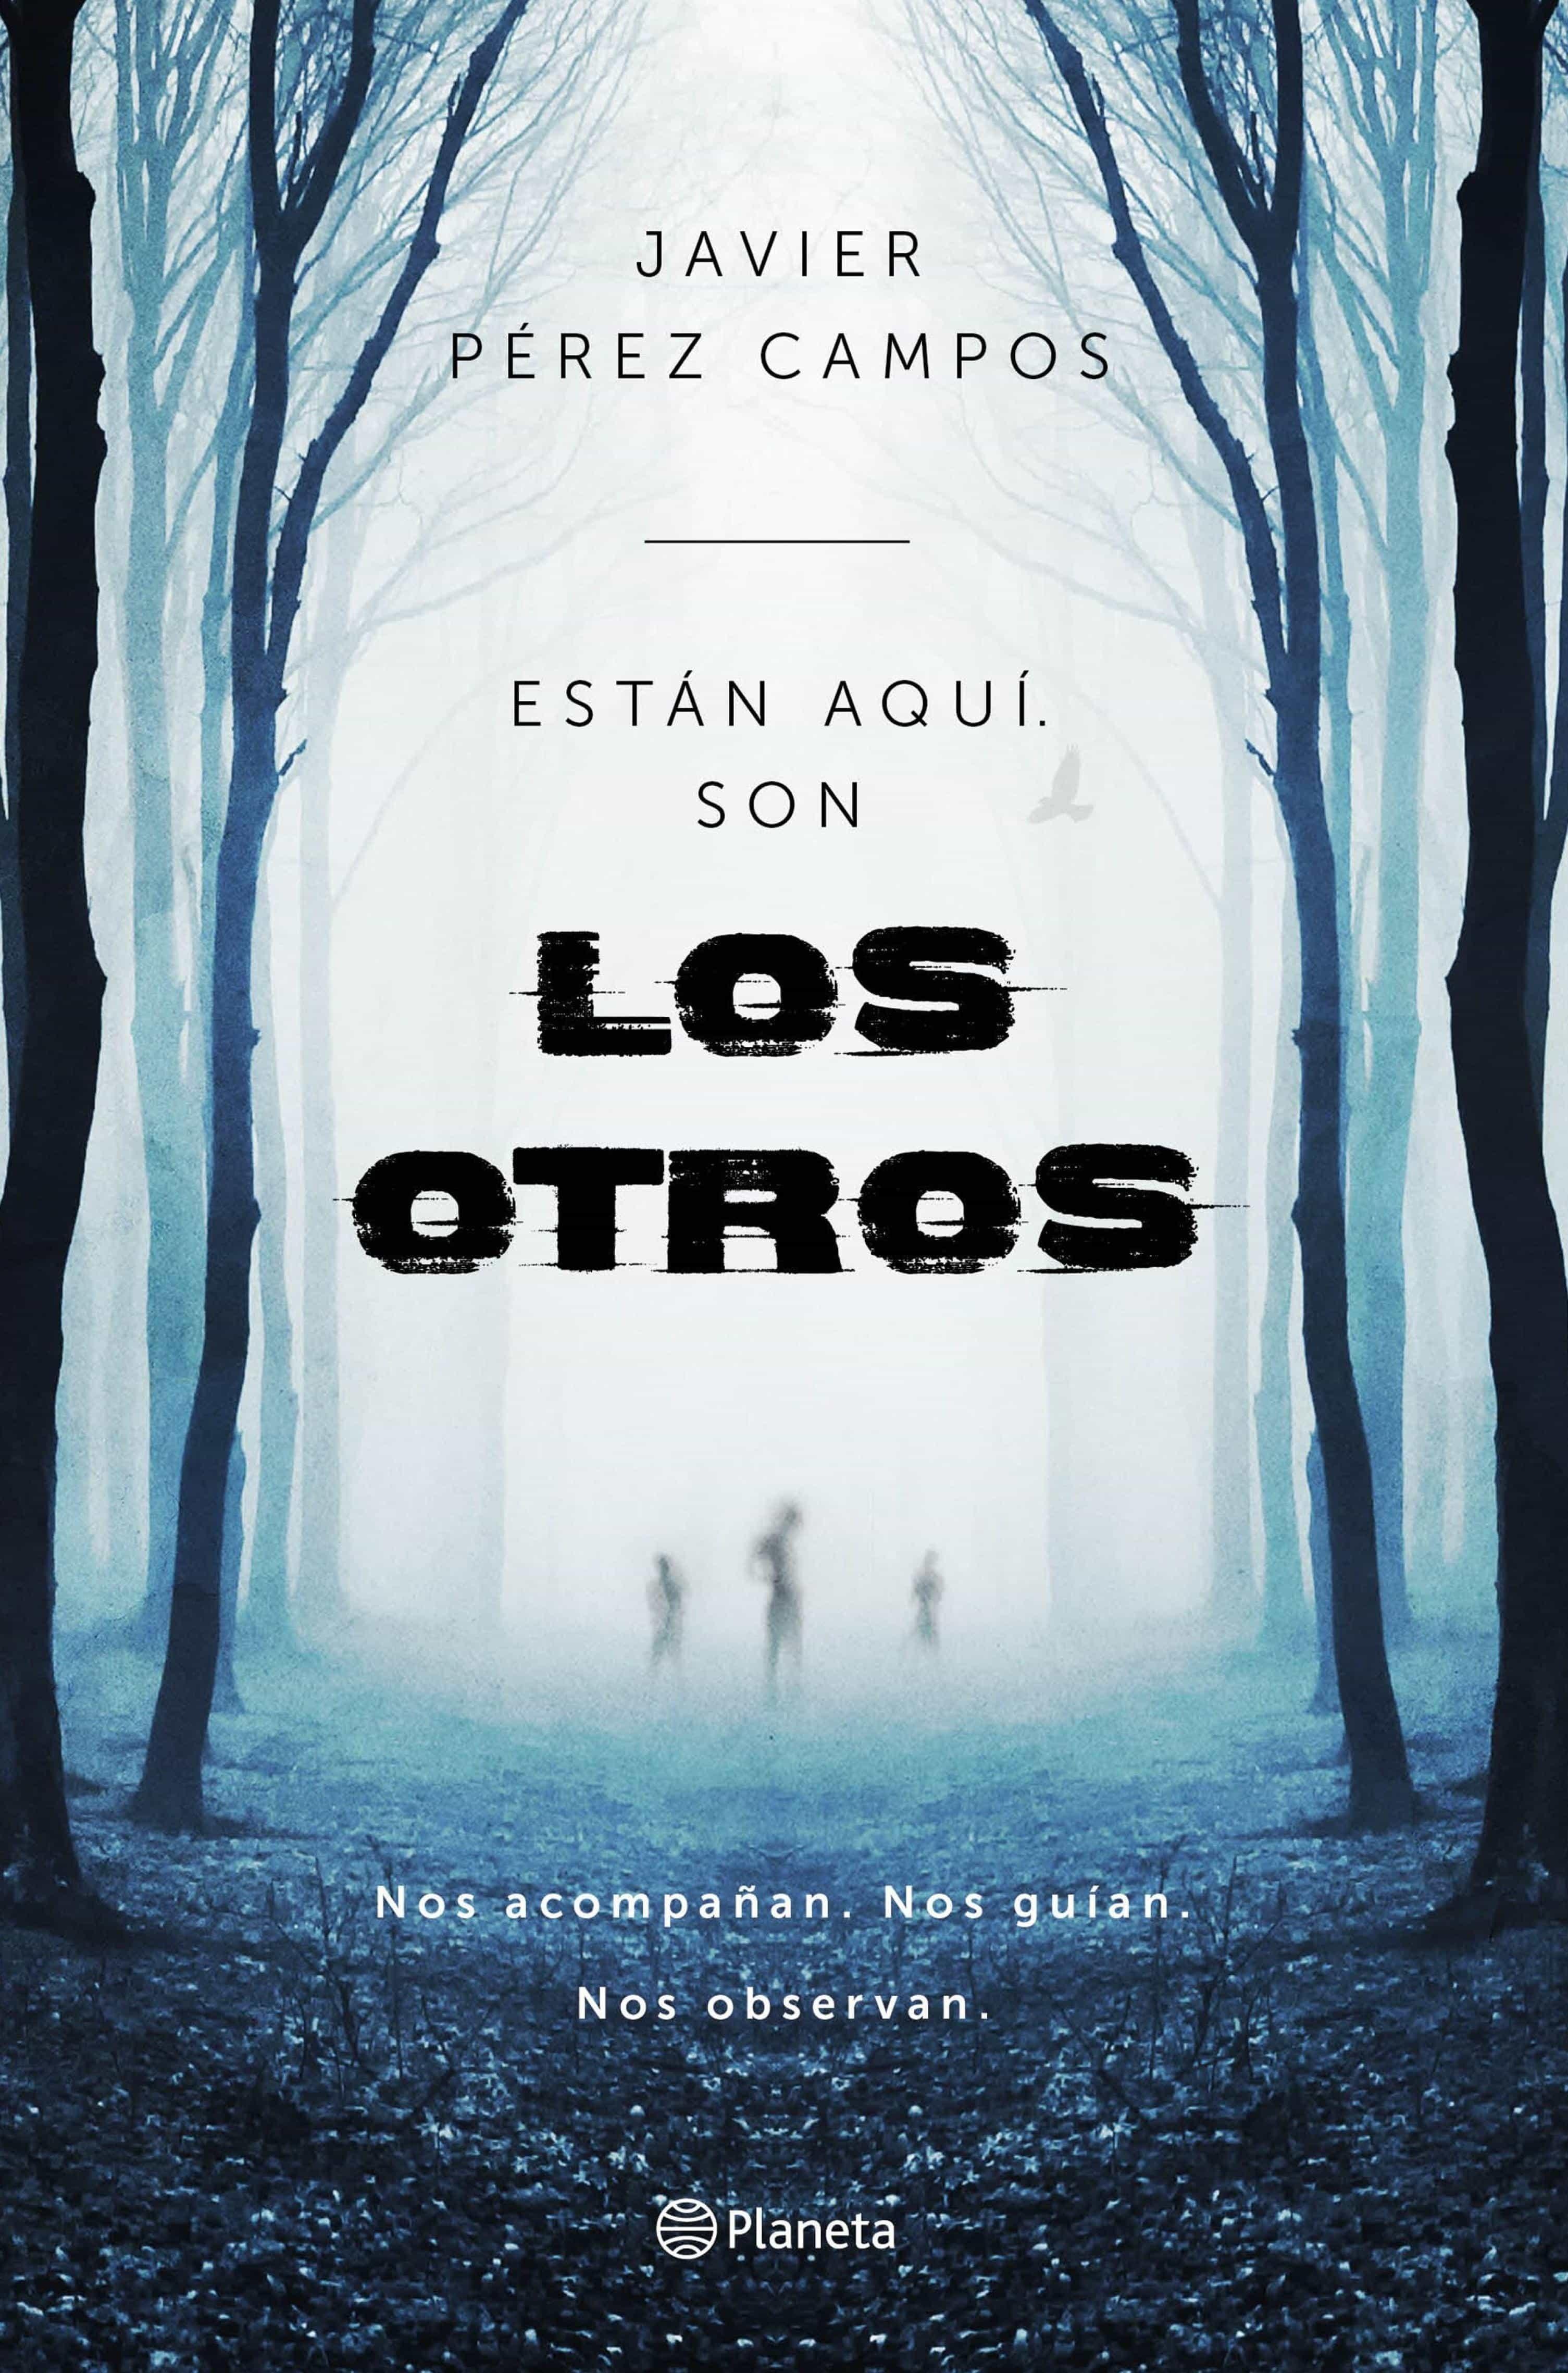 LOS OTROS EBOOK   JAVIER PEREZ CAMPOS   Descargar libro PDF o EPUB ...